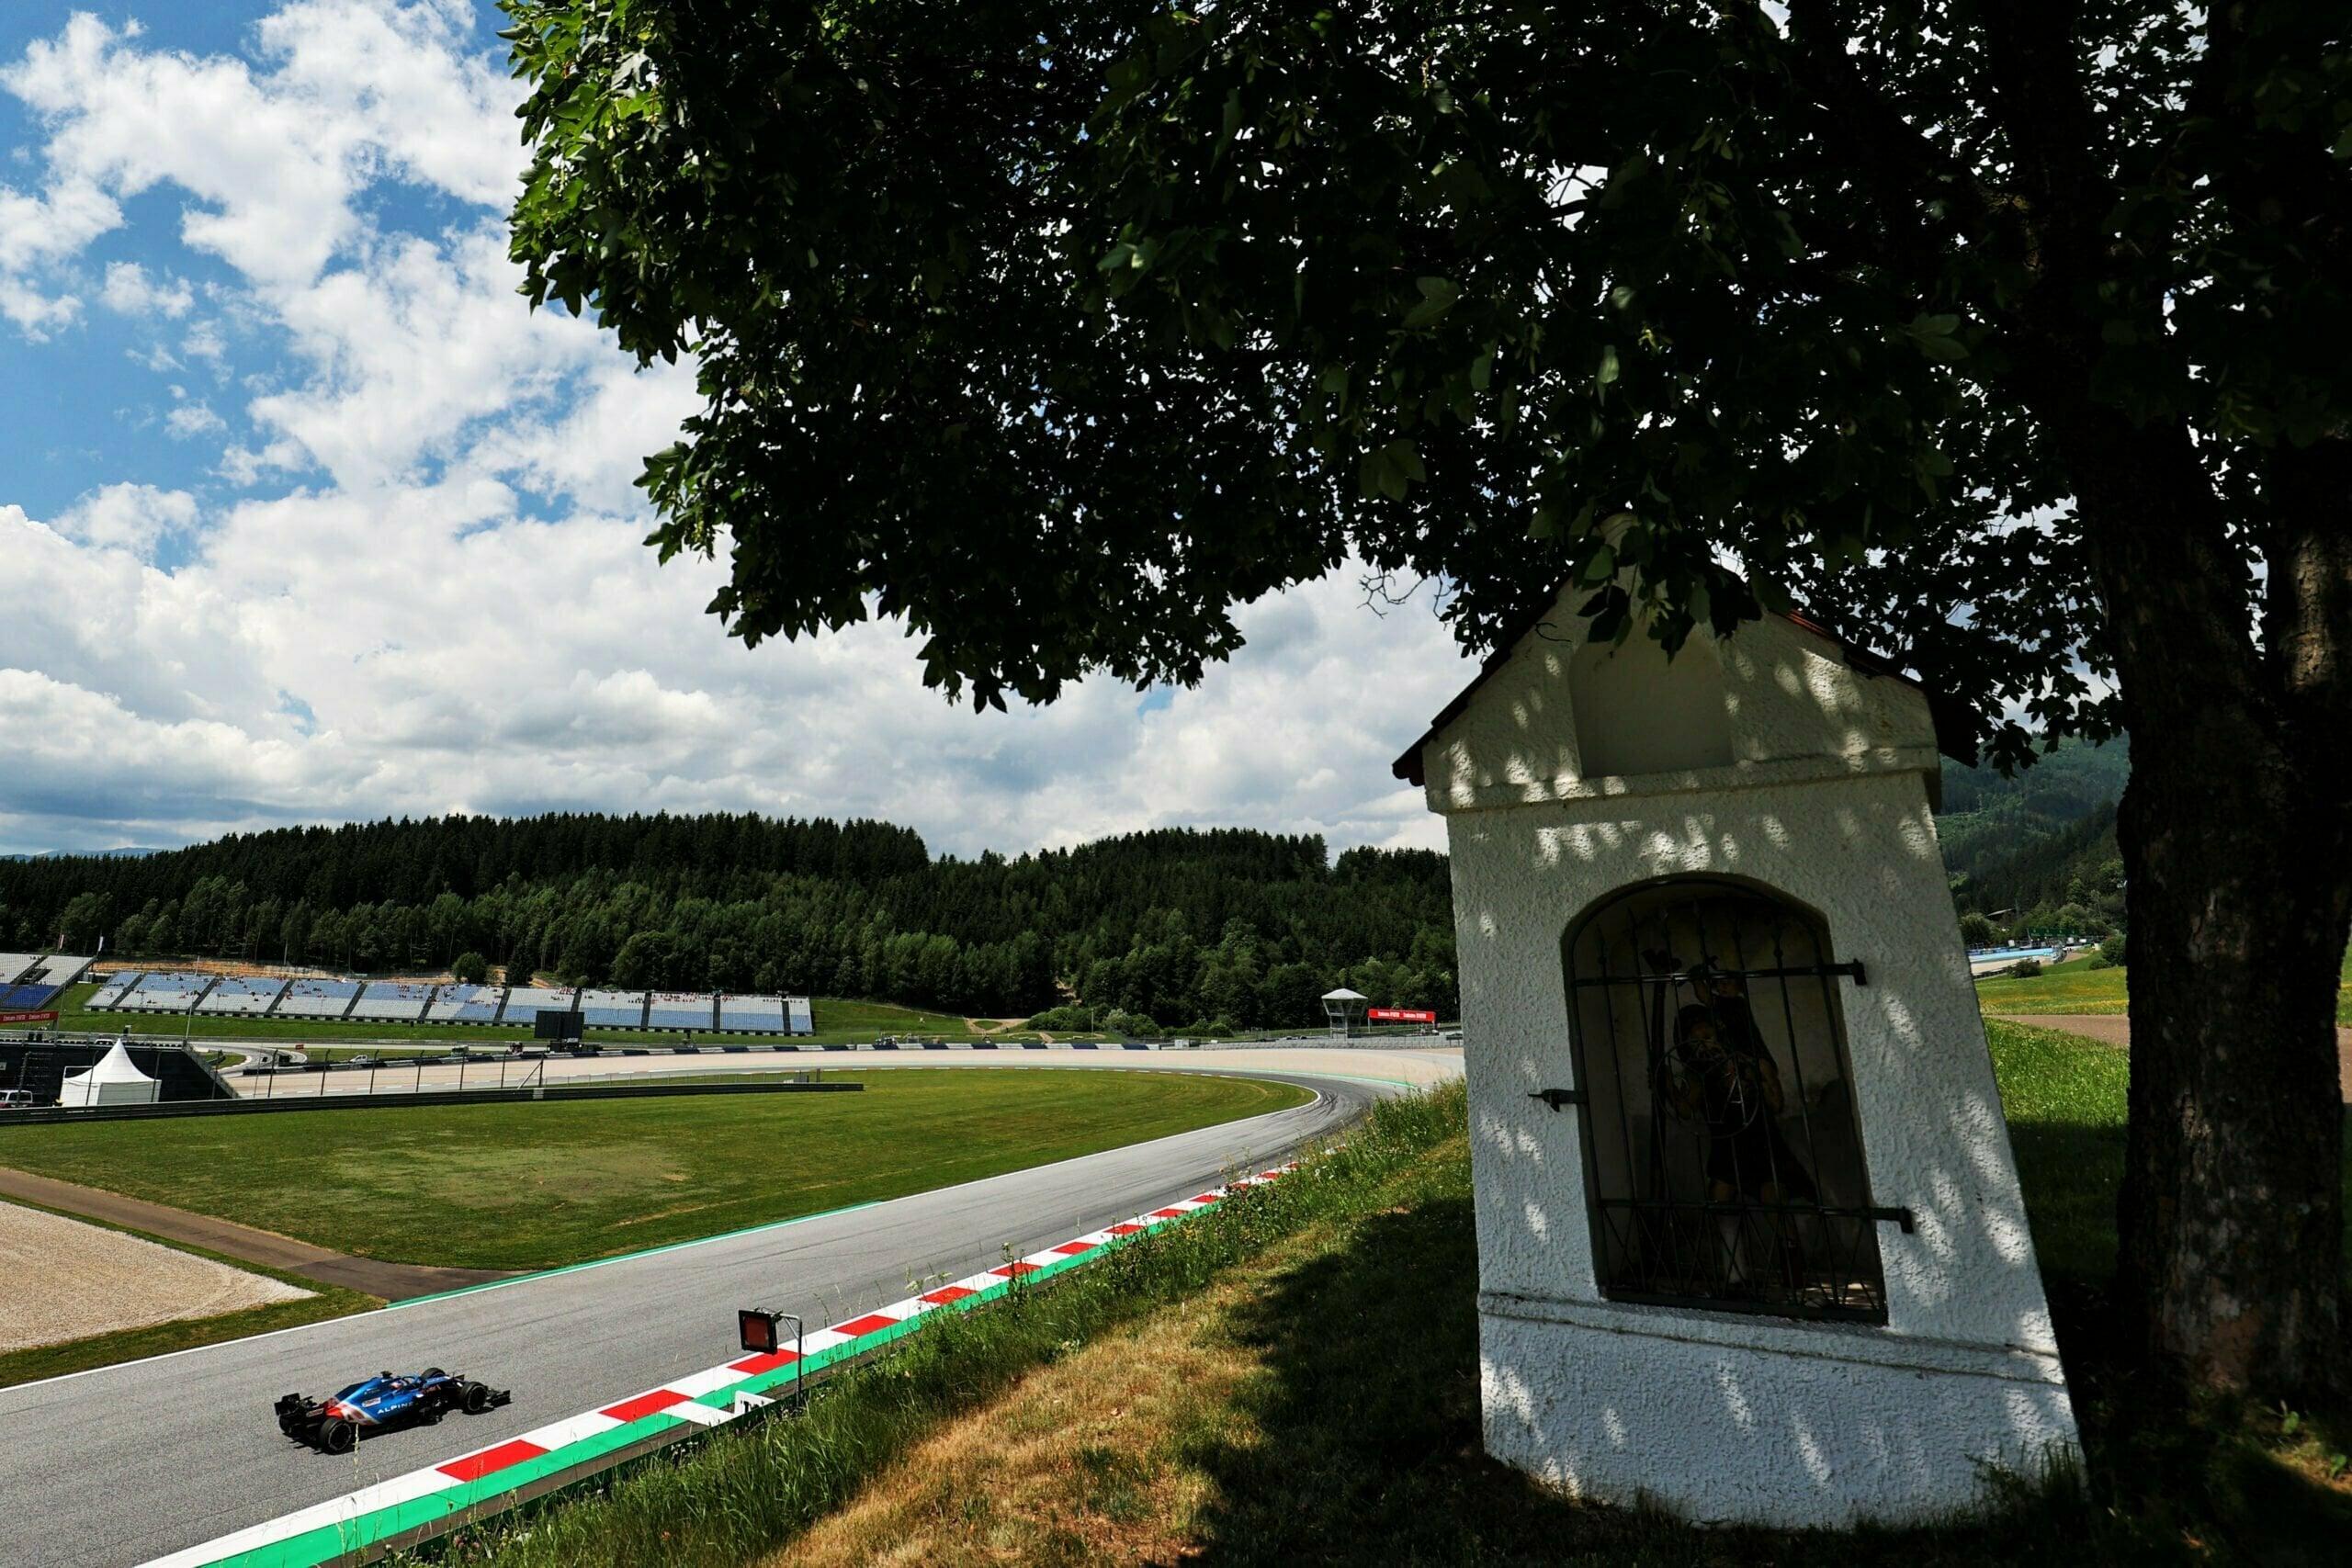 Alpine F1 Team Alonso Ocon Autriche Steiermark Grand Prix Spielberg A521 2021 18 scaled   Alpine F1 : Alonso réitère la Q3 et Ocon trébuche en Q1 à Spielberg